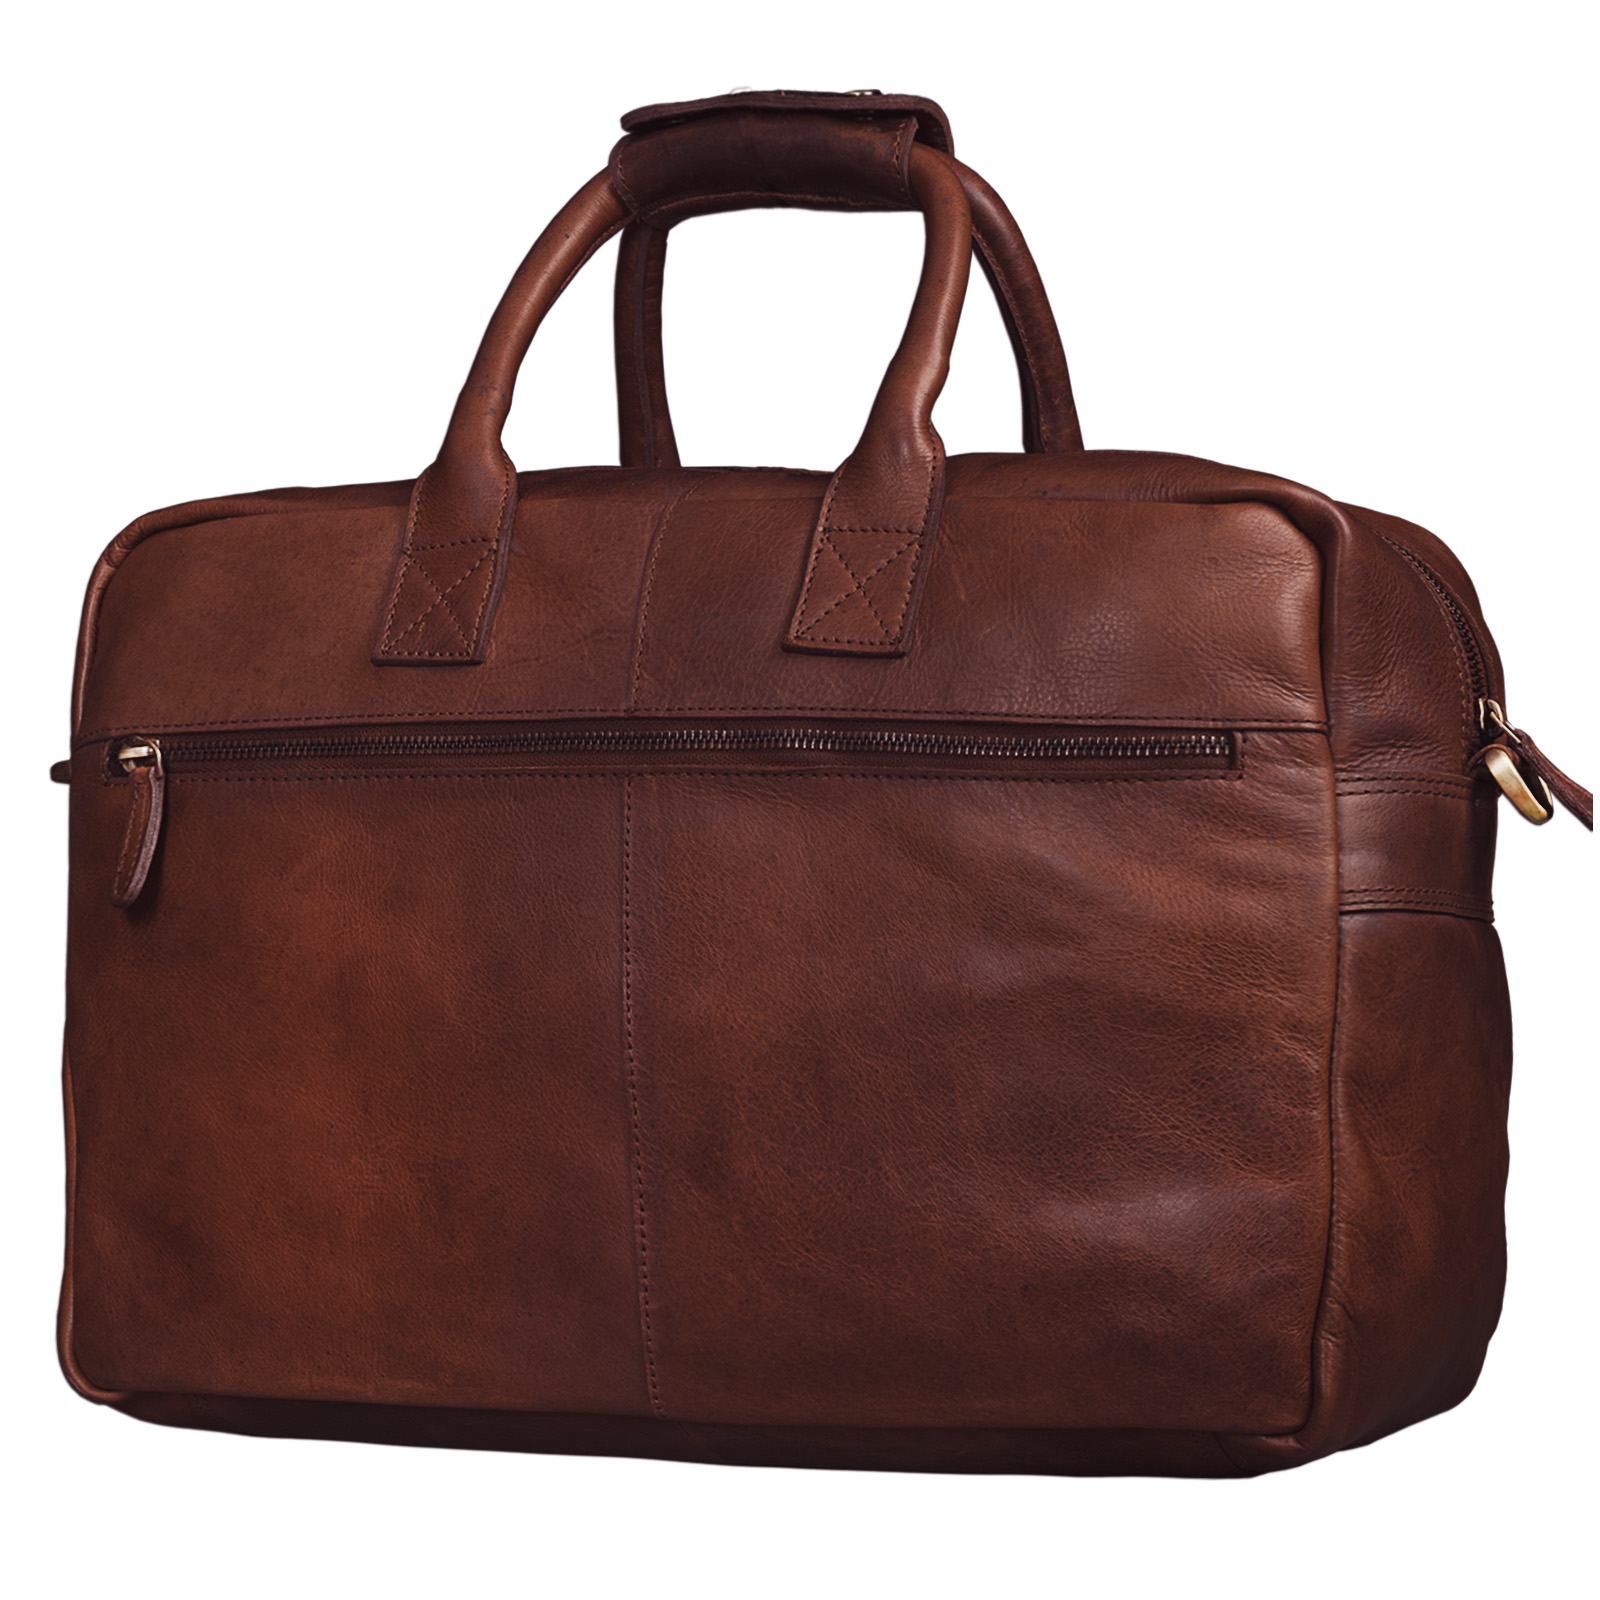 """STILORD """"Henri"""" Bürotasche Leder 15,6 Zoll Vintage Laptop Aktentasche Businesstasche Umhängetasche Lehrertasche Büffelleder - Bild 6"""